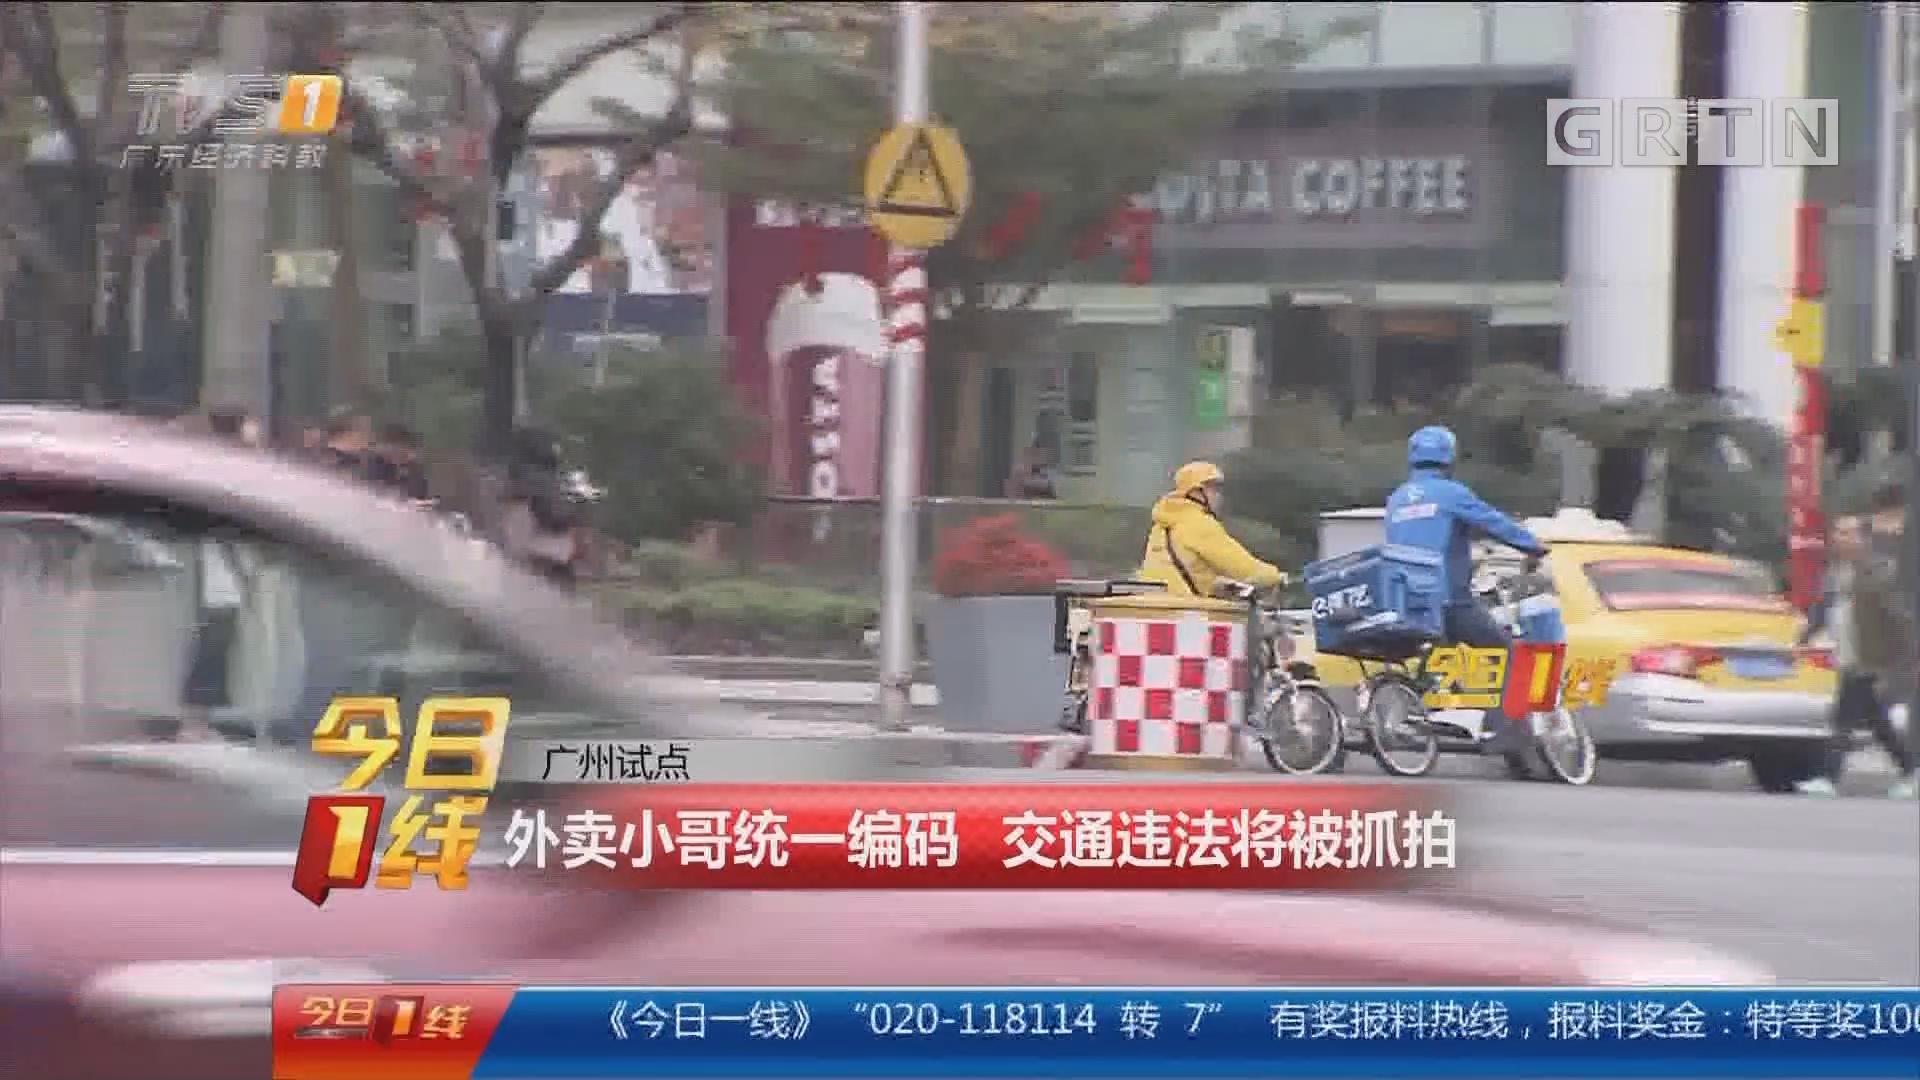 广州试点:外卖小哥统一编码 交通违法将被抓拍